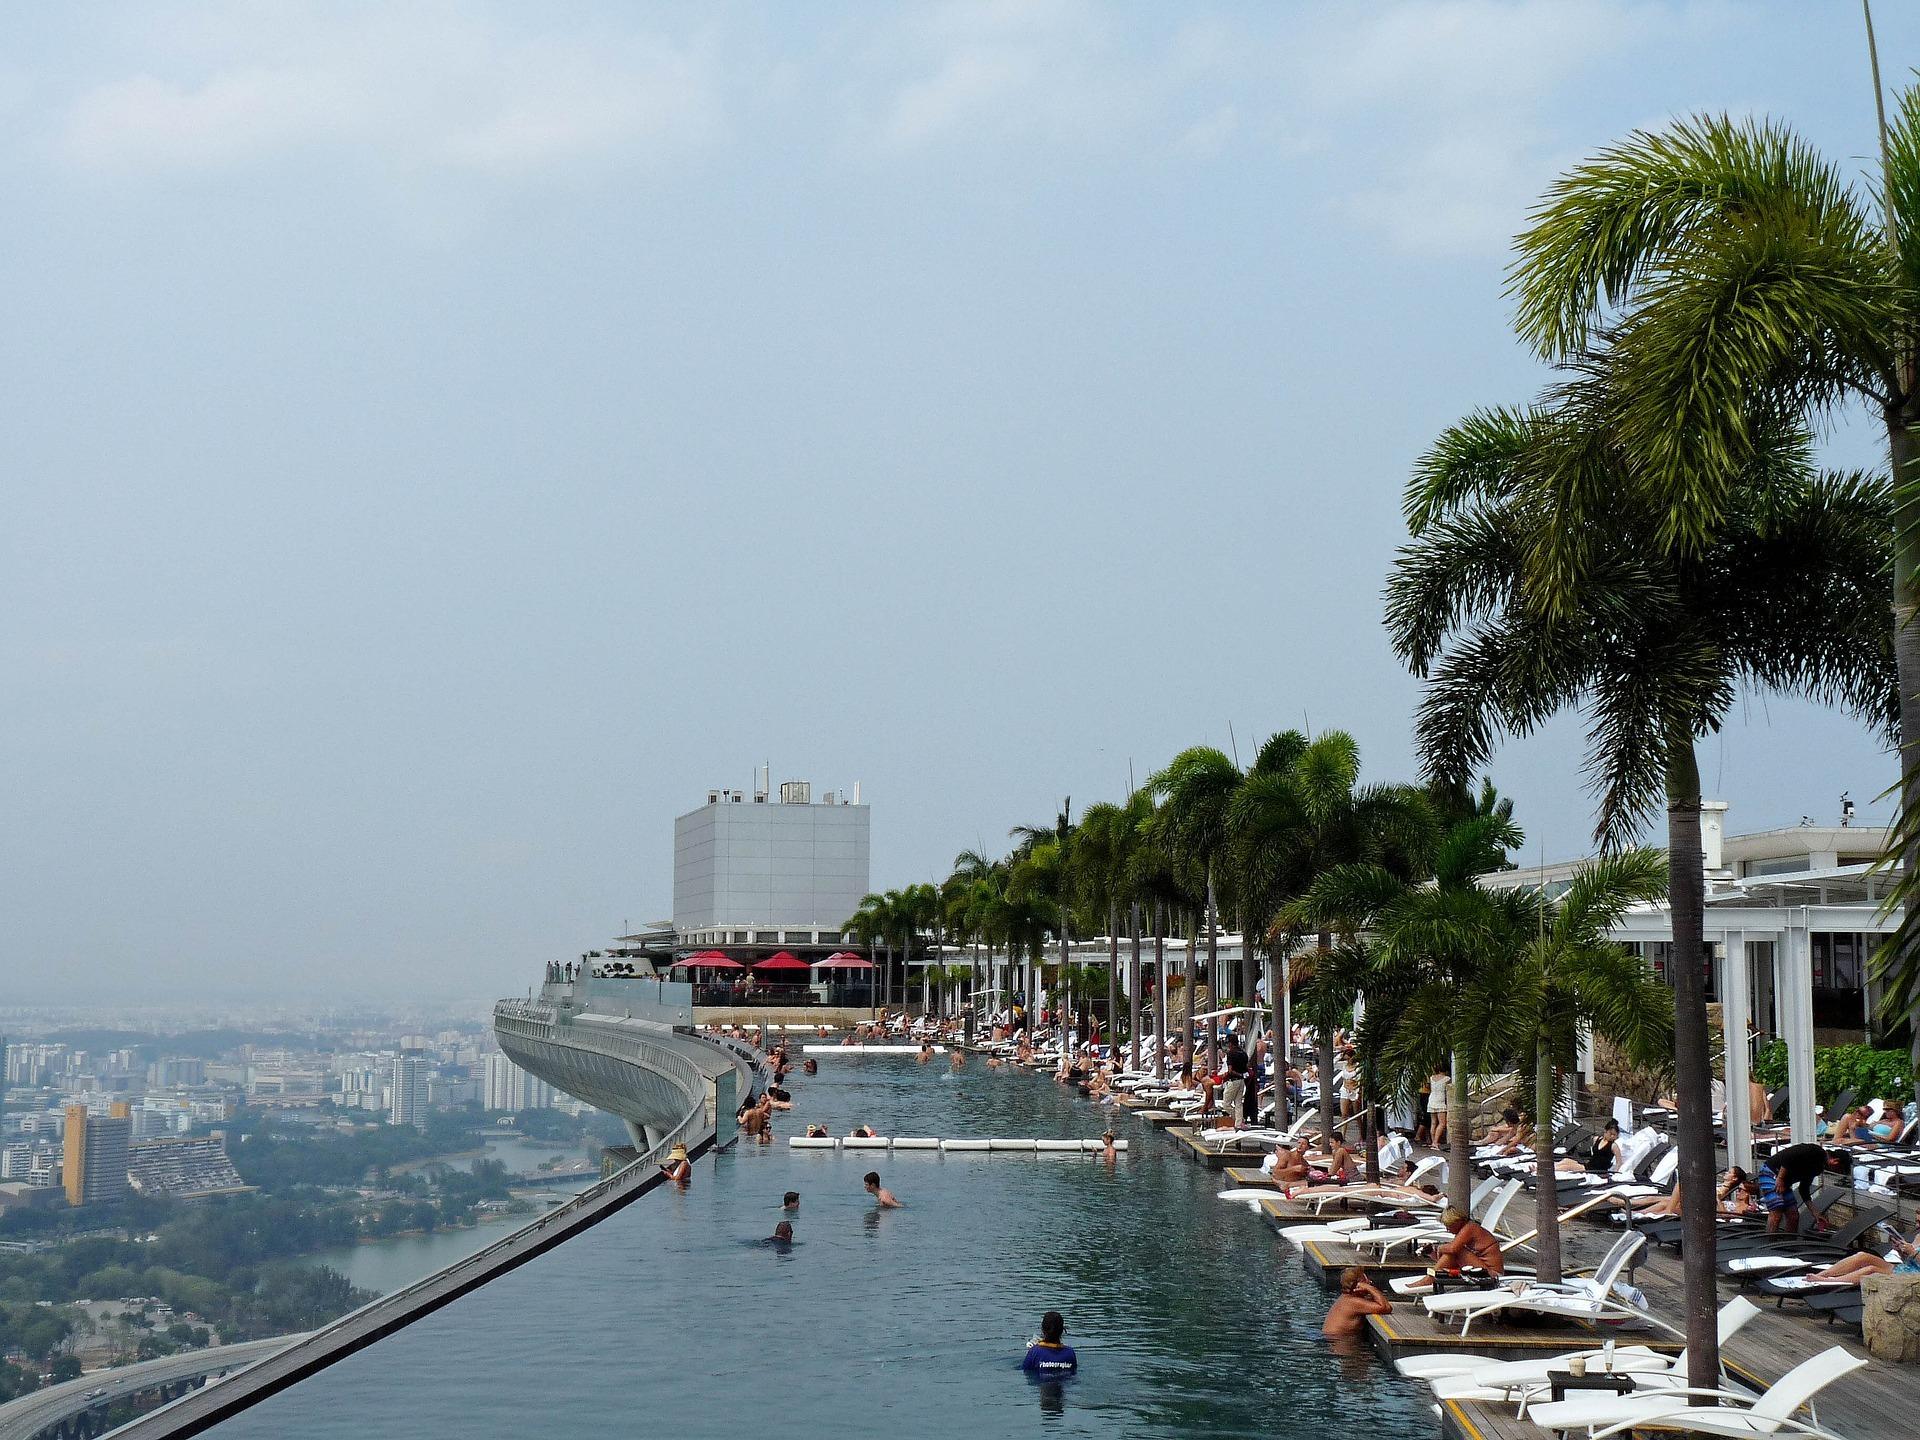 Les Meilleurs Choses À Faire À Singapour - Ce Qu'il Ne Faut ... dedans Piscine Singapour